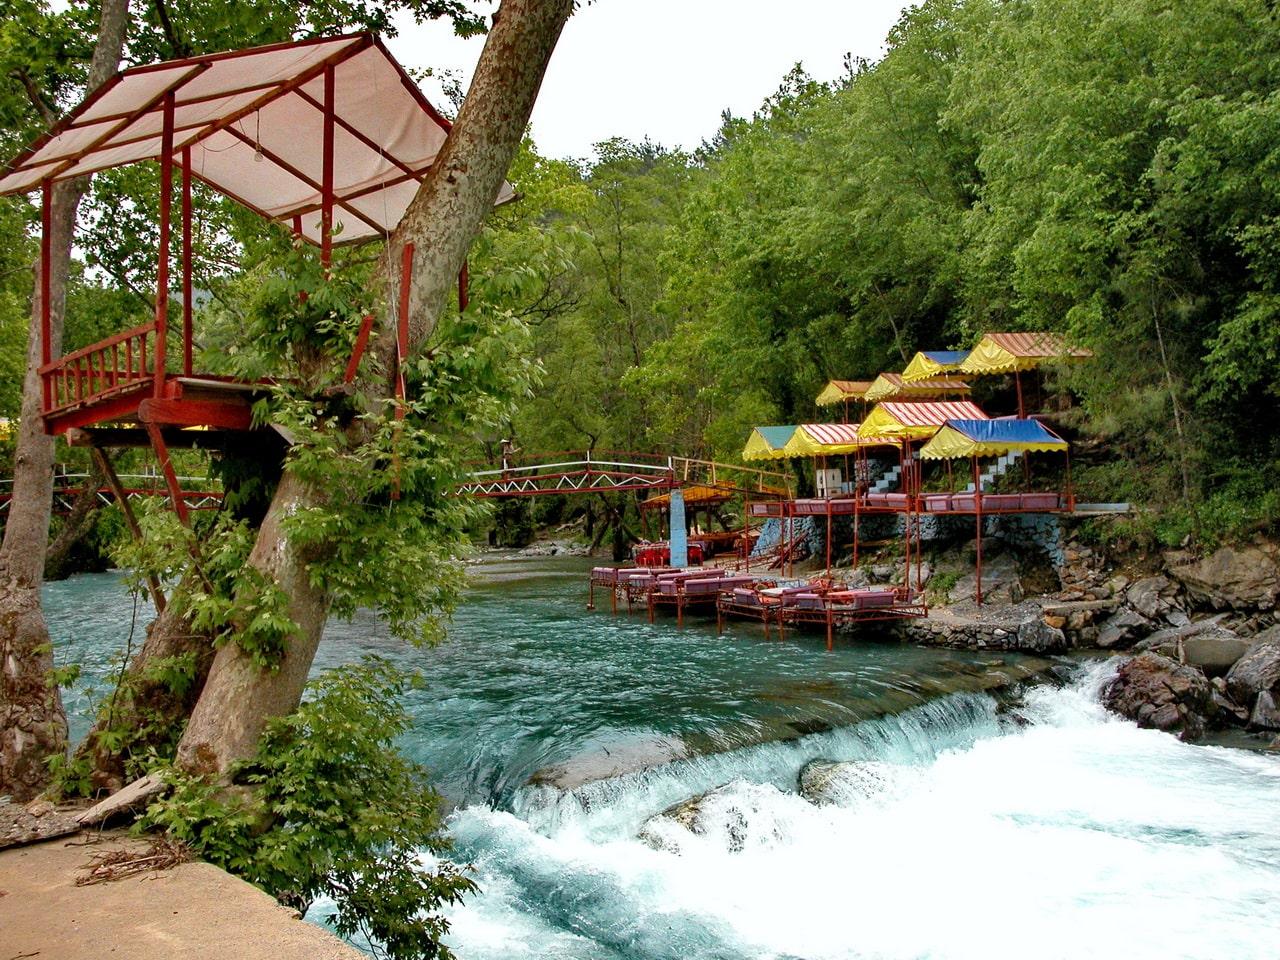 Вода в реке имеет насыщенный бирюзовый цвет